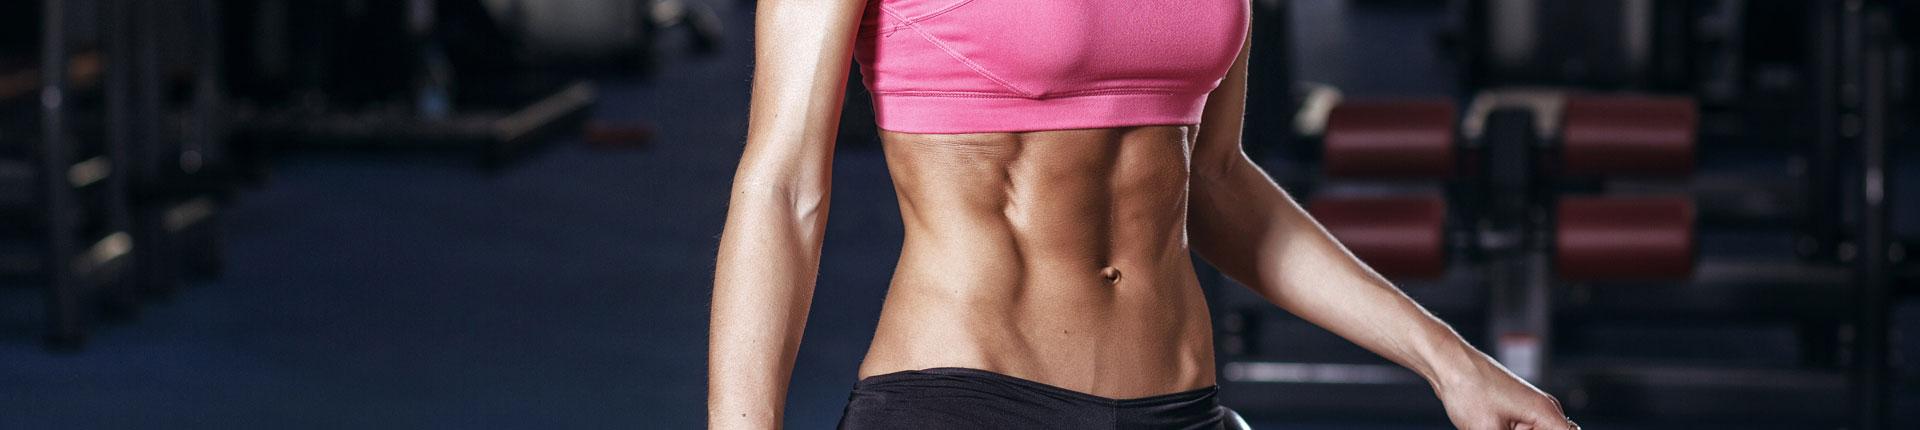 5 rzeczy które musisz wiedzieć przed redukcją - odżywianie w czasie redukcji